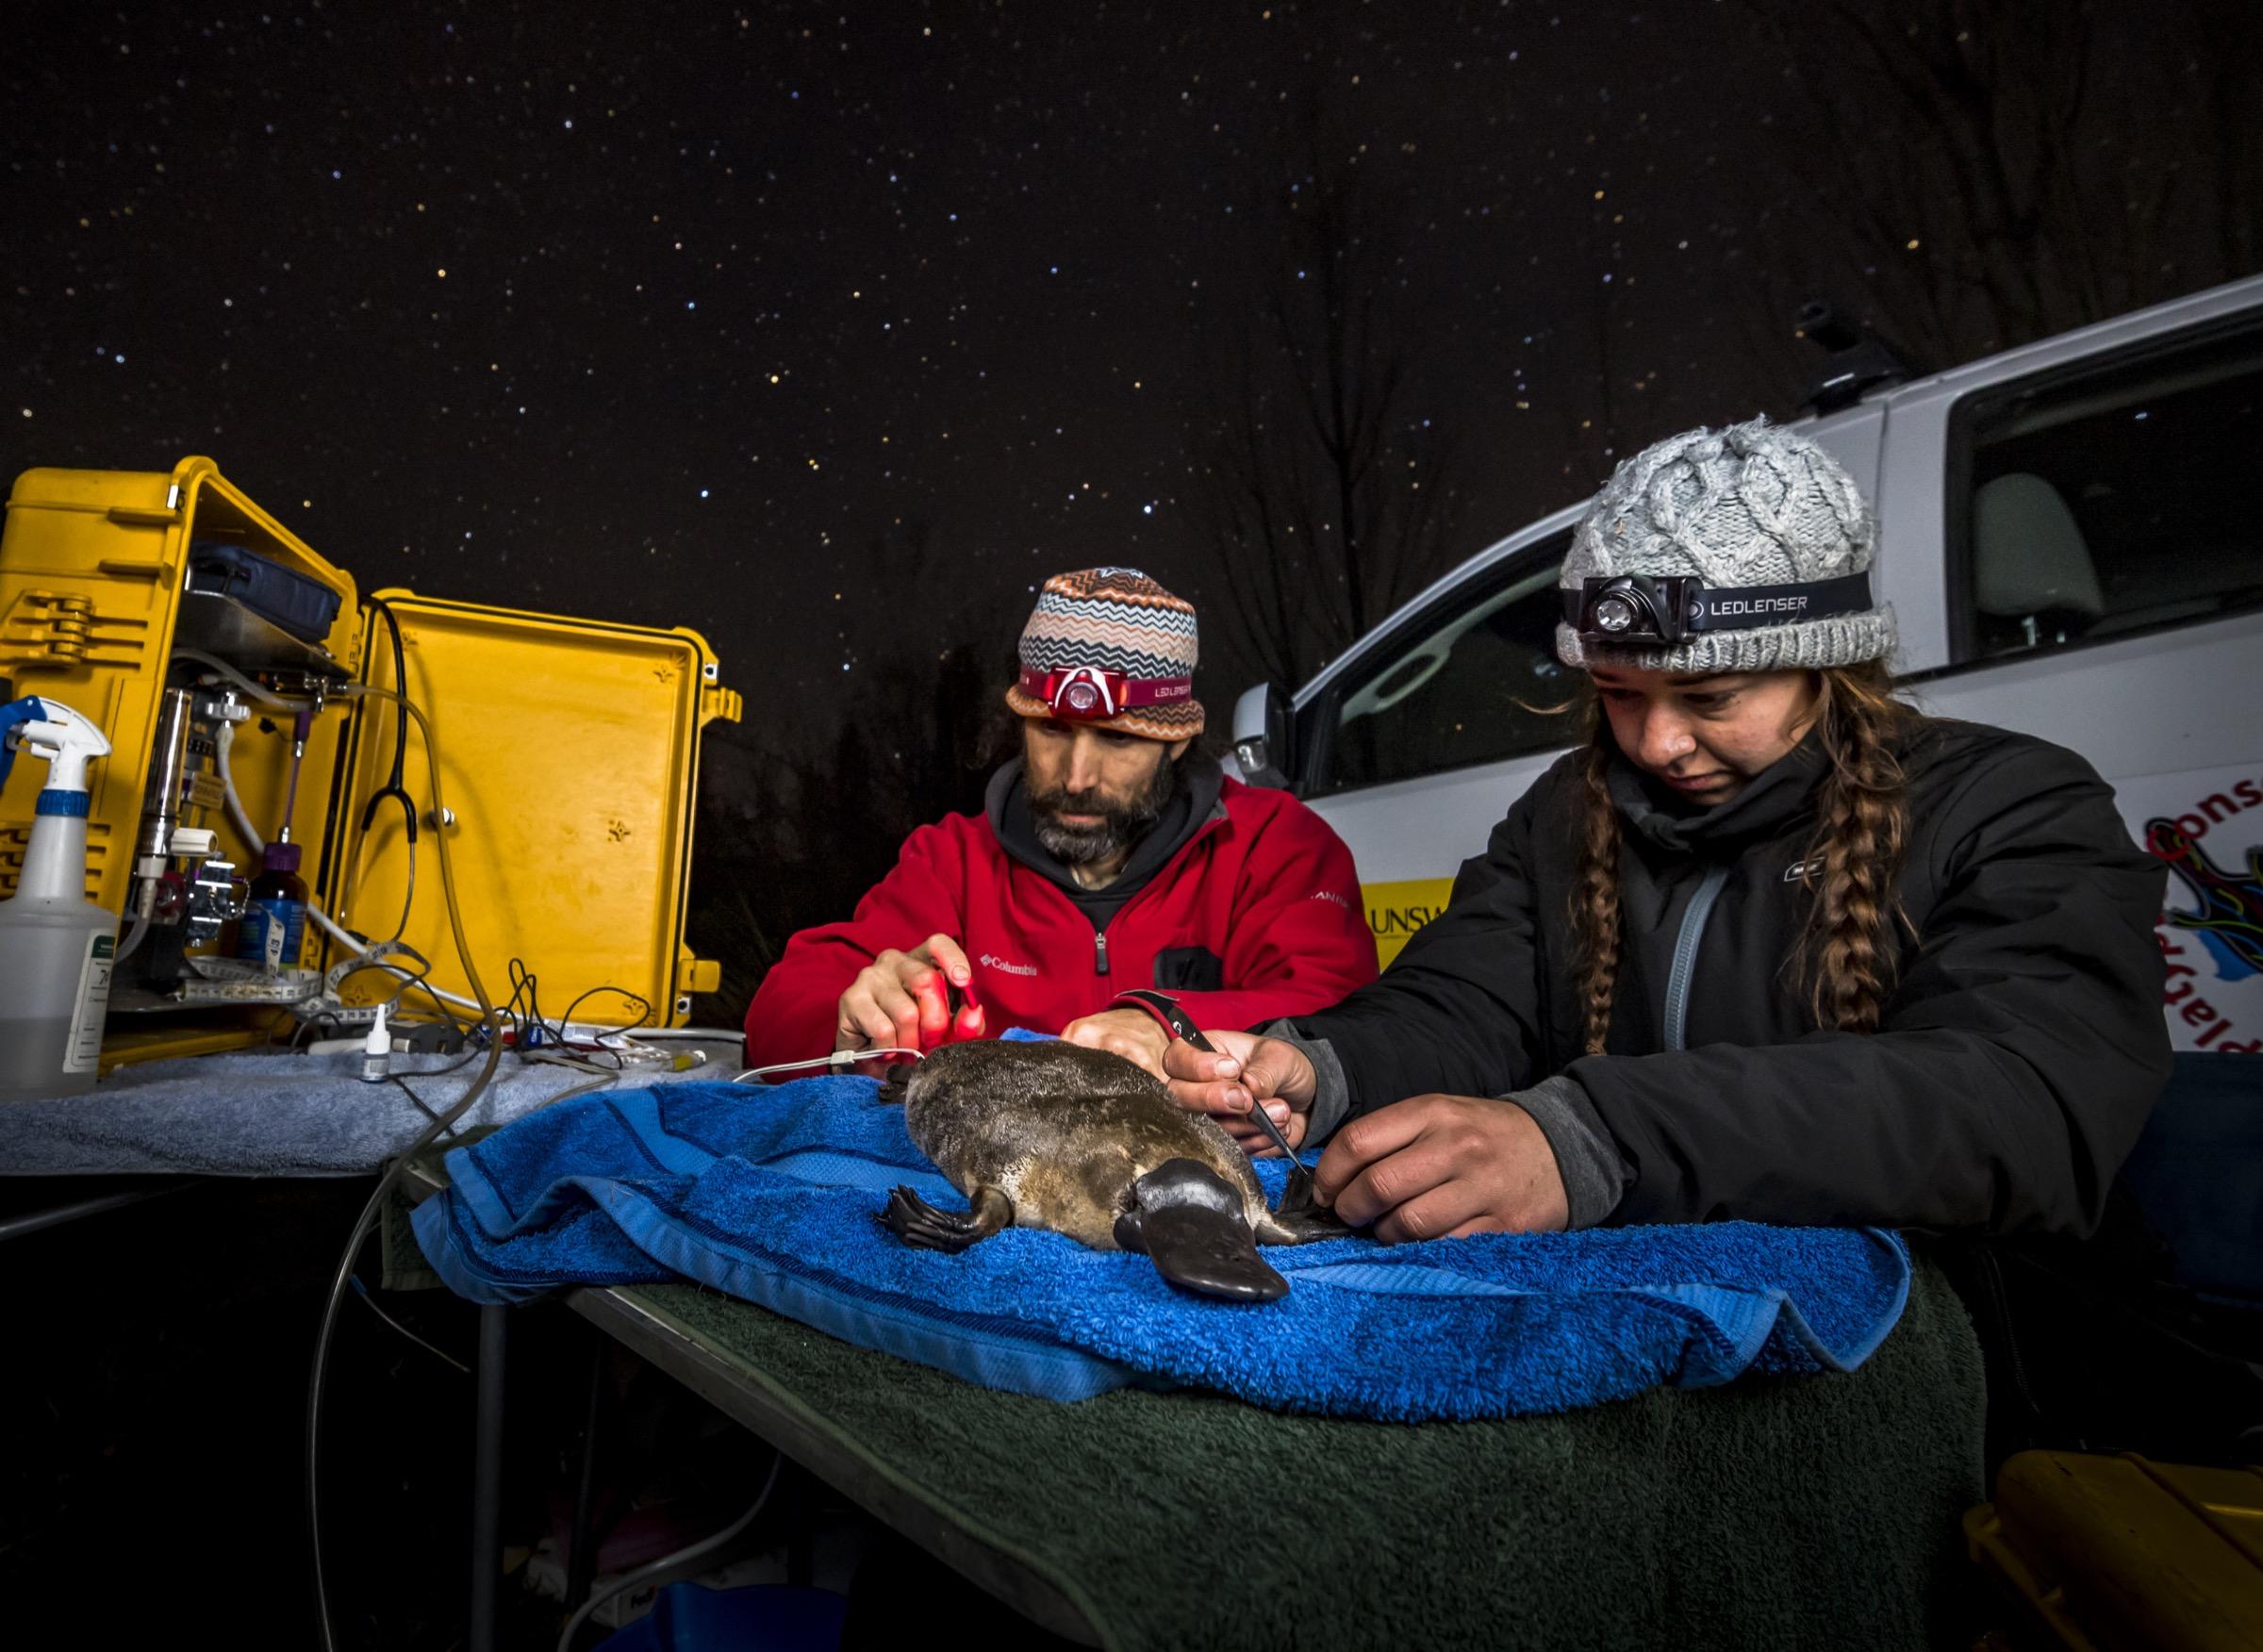 Los investigadores Gilad Bino y Tahneal Hawke trabajan rápidamente para implantar quirúrgicamente un transpondedor de radio en un ornitorrinco anestesiado antes de su lanzamiento.  Transpondedores como este están ayudando a los científicos a comprender mejor los movimientos de ornitorrinco.